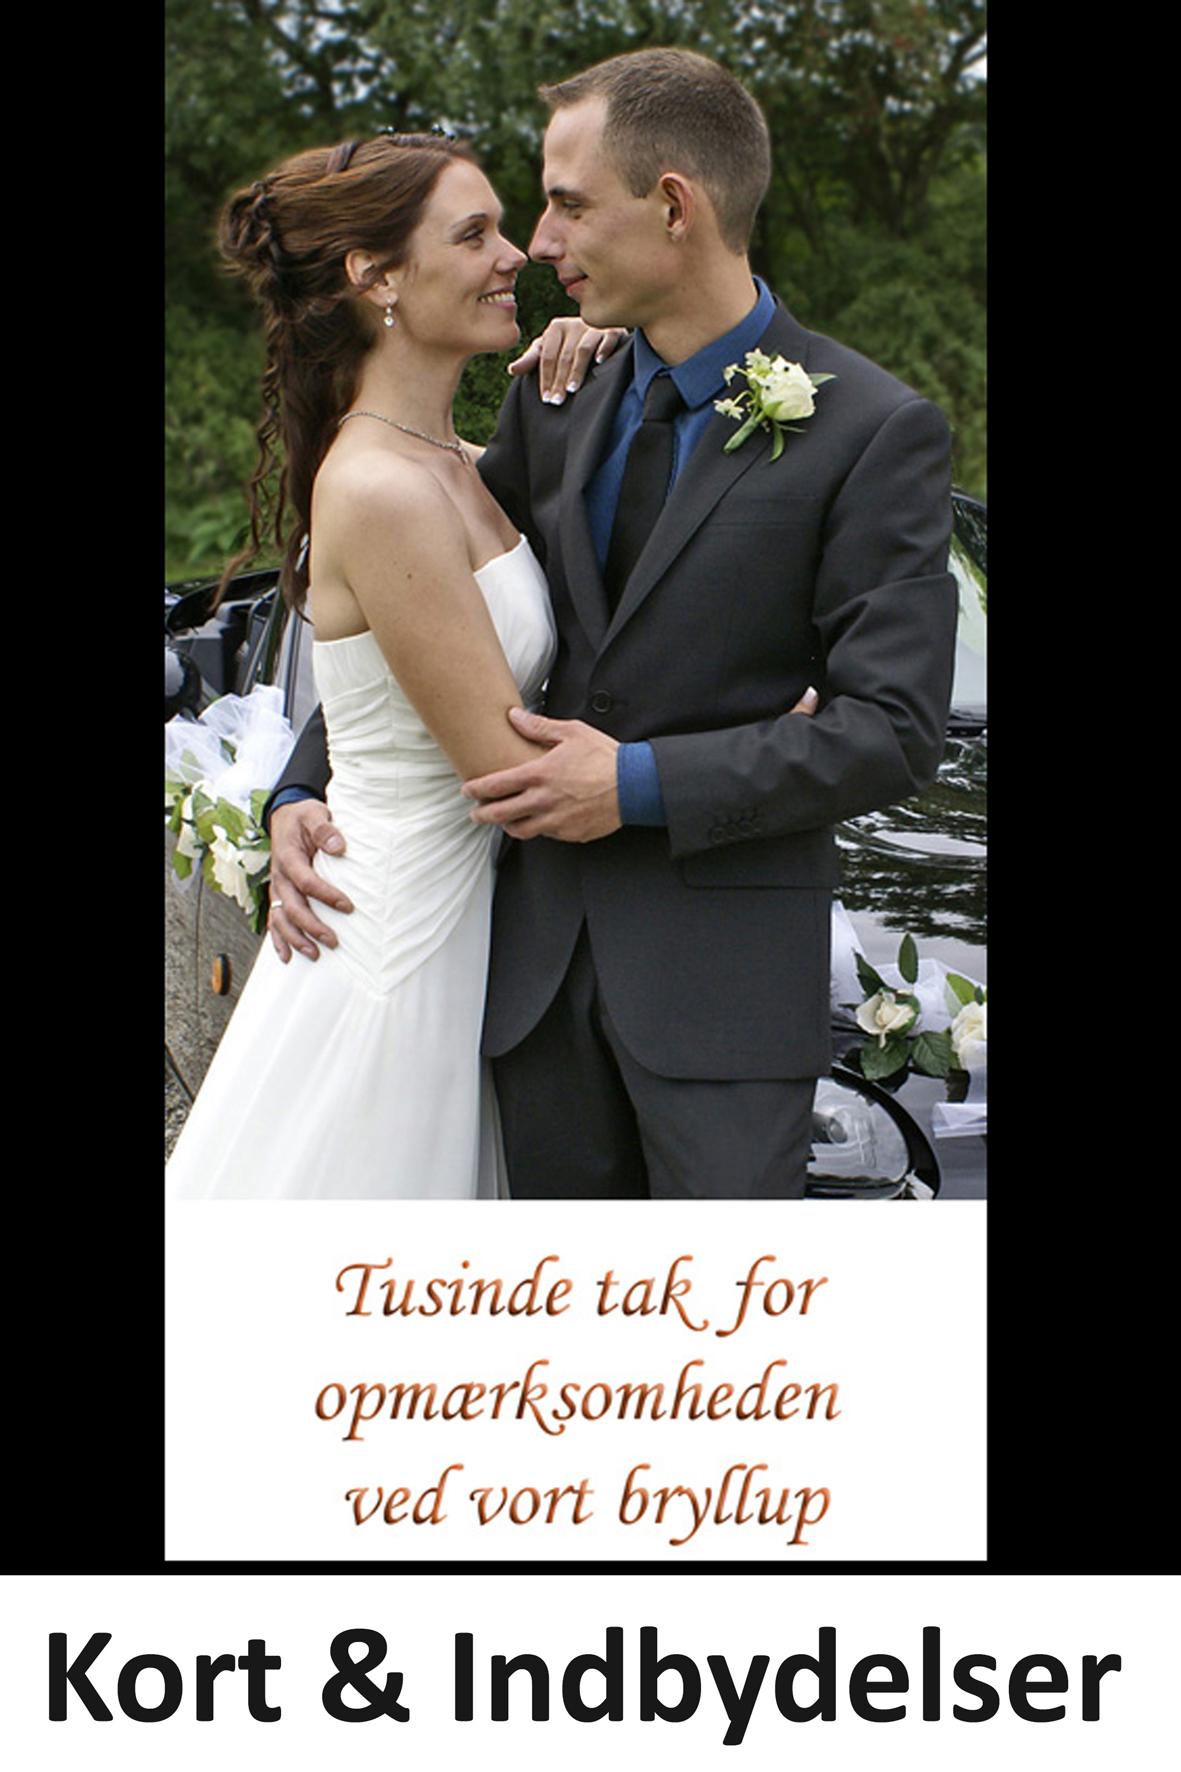 LindFoto.dk - galleri med kort og indbydelser